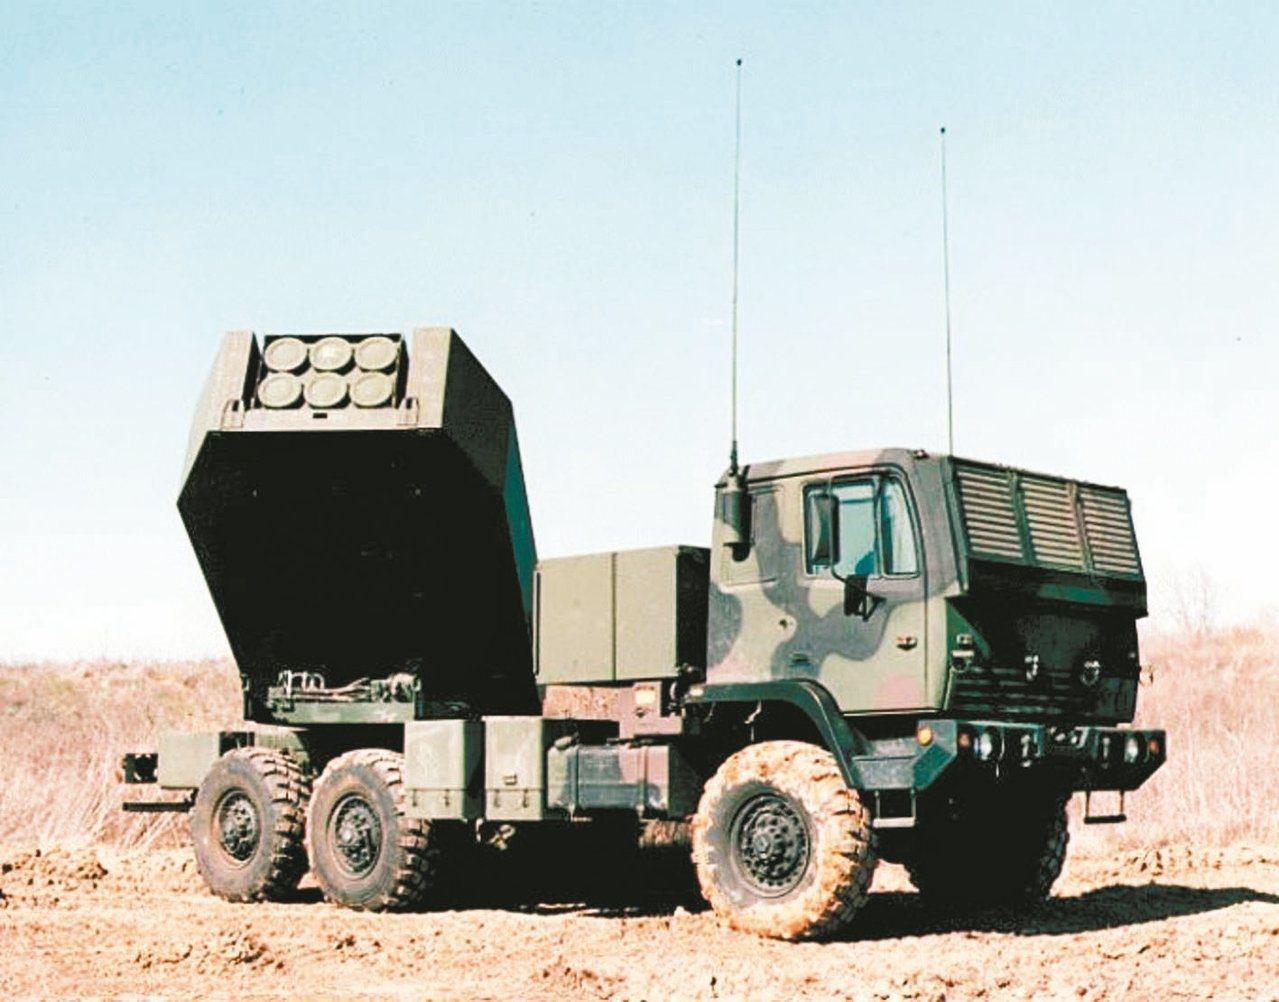 陸軍明年「轟雷專案」編列150億元,對美採購海馬斯多管火箭系統(見圖)。 圖/截...